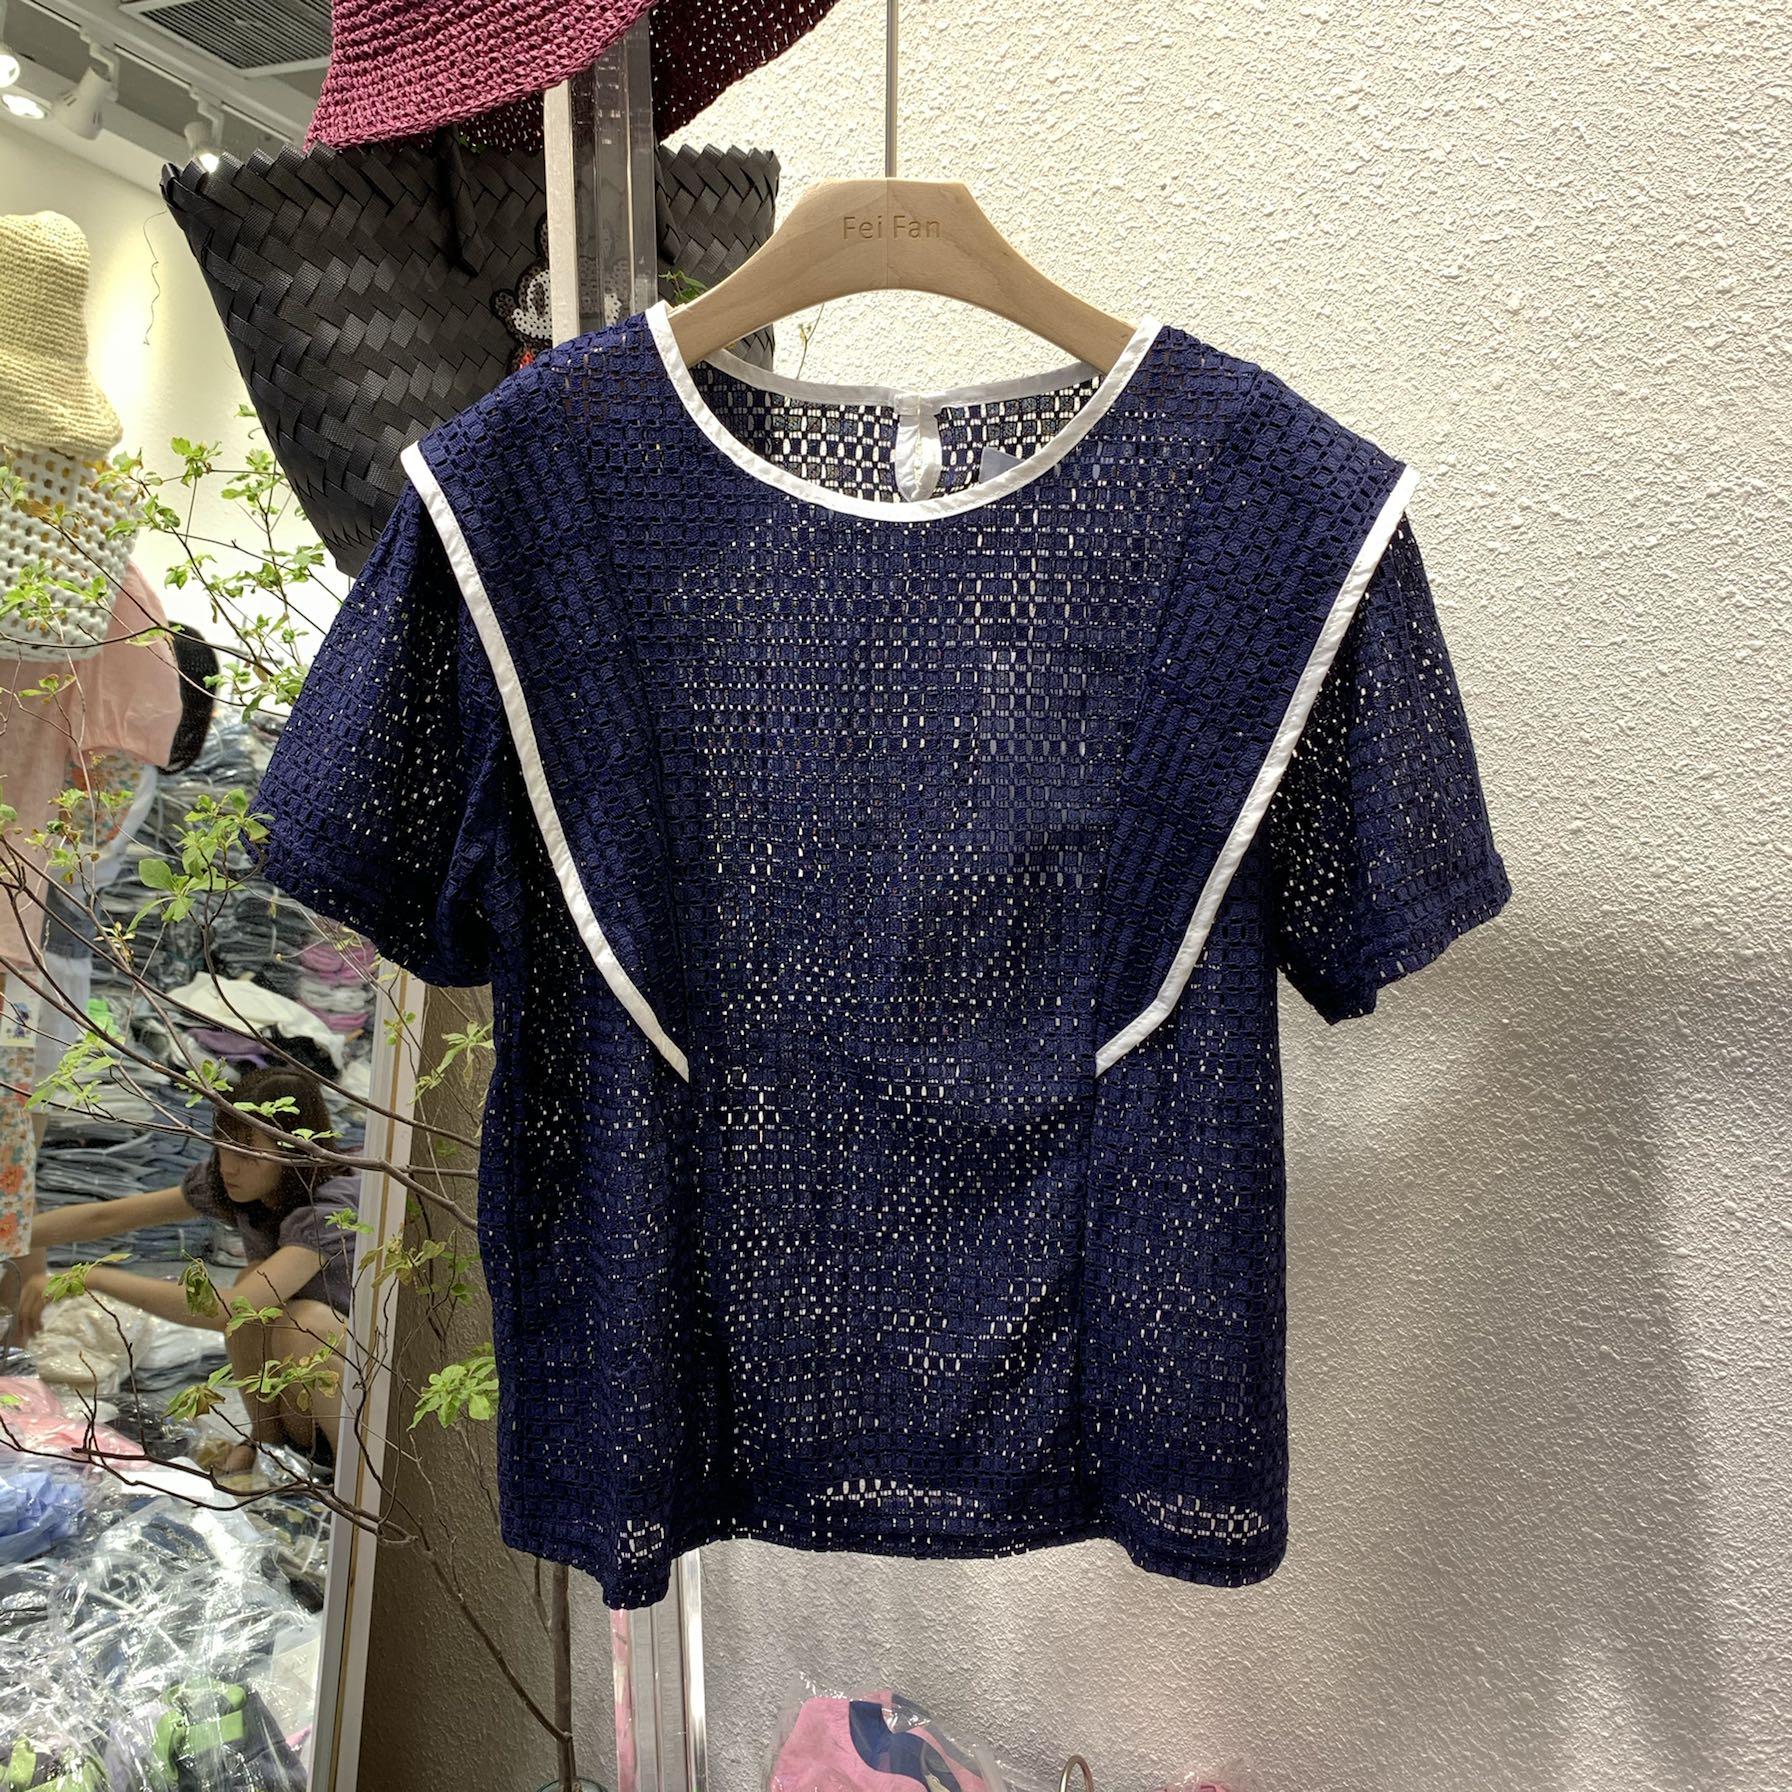 Mẫu áo chống lão hóa Hàn Quốc 2020 hè mới dành cho nữ áo lưới ren tay ngắn tay áo ngắn tay top 2093 - Áo sơ mi